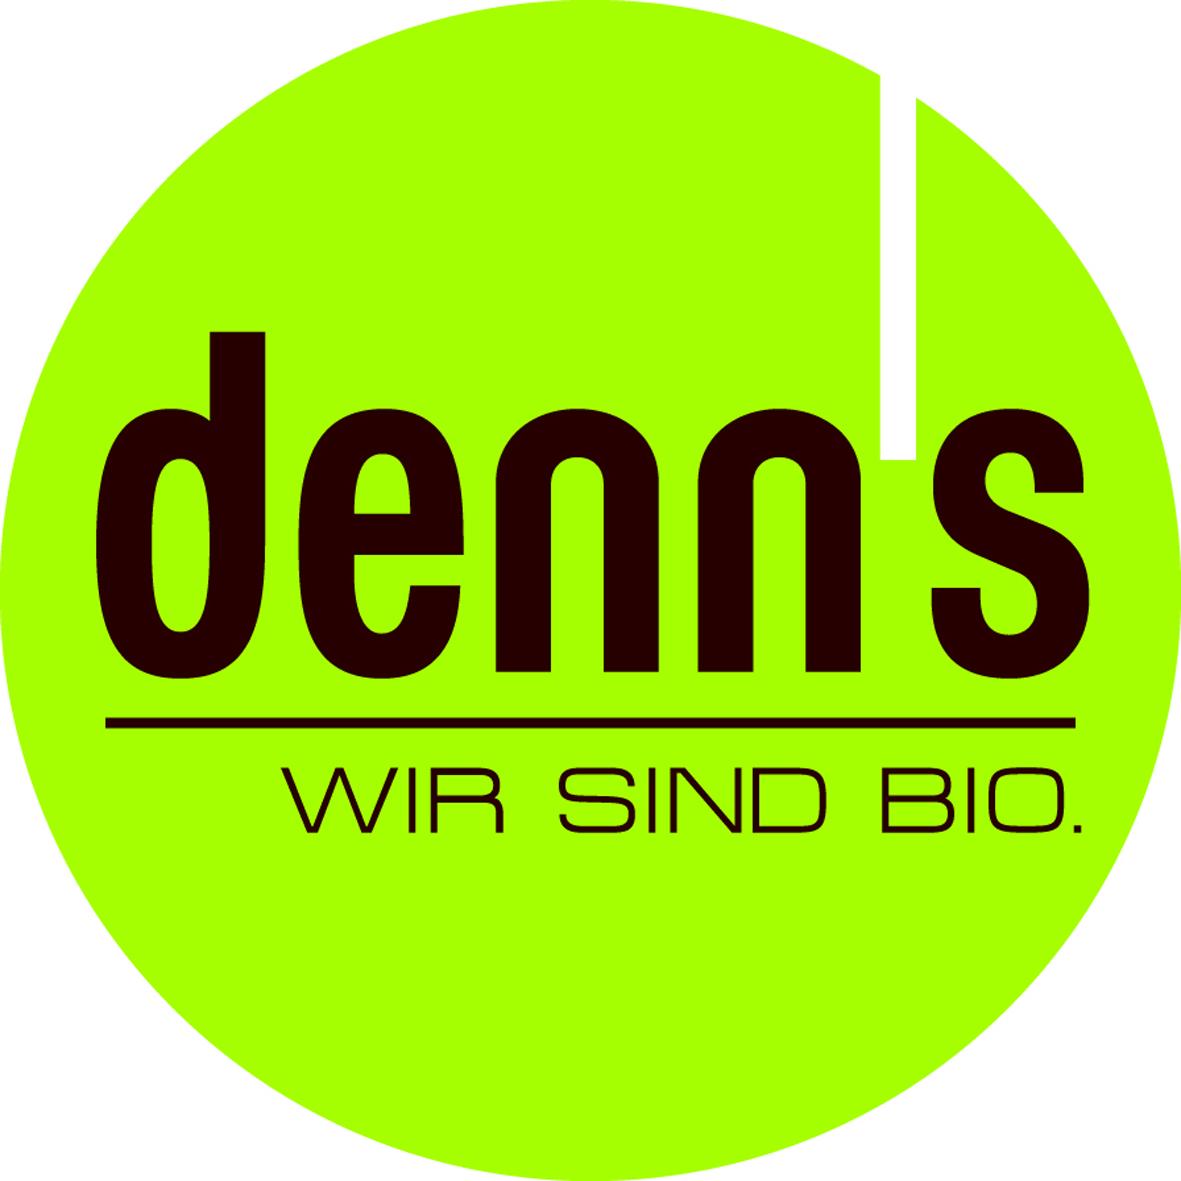 10cm_300dpi_denns_Logo_4c_wir_sind_bio